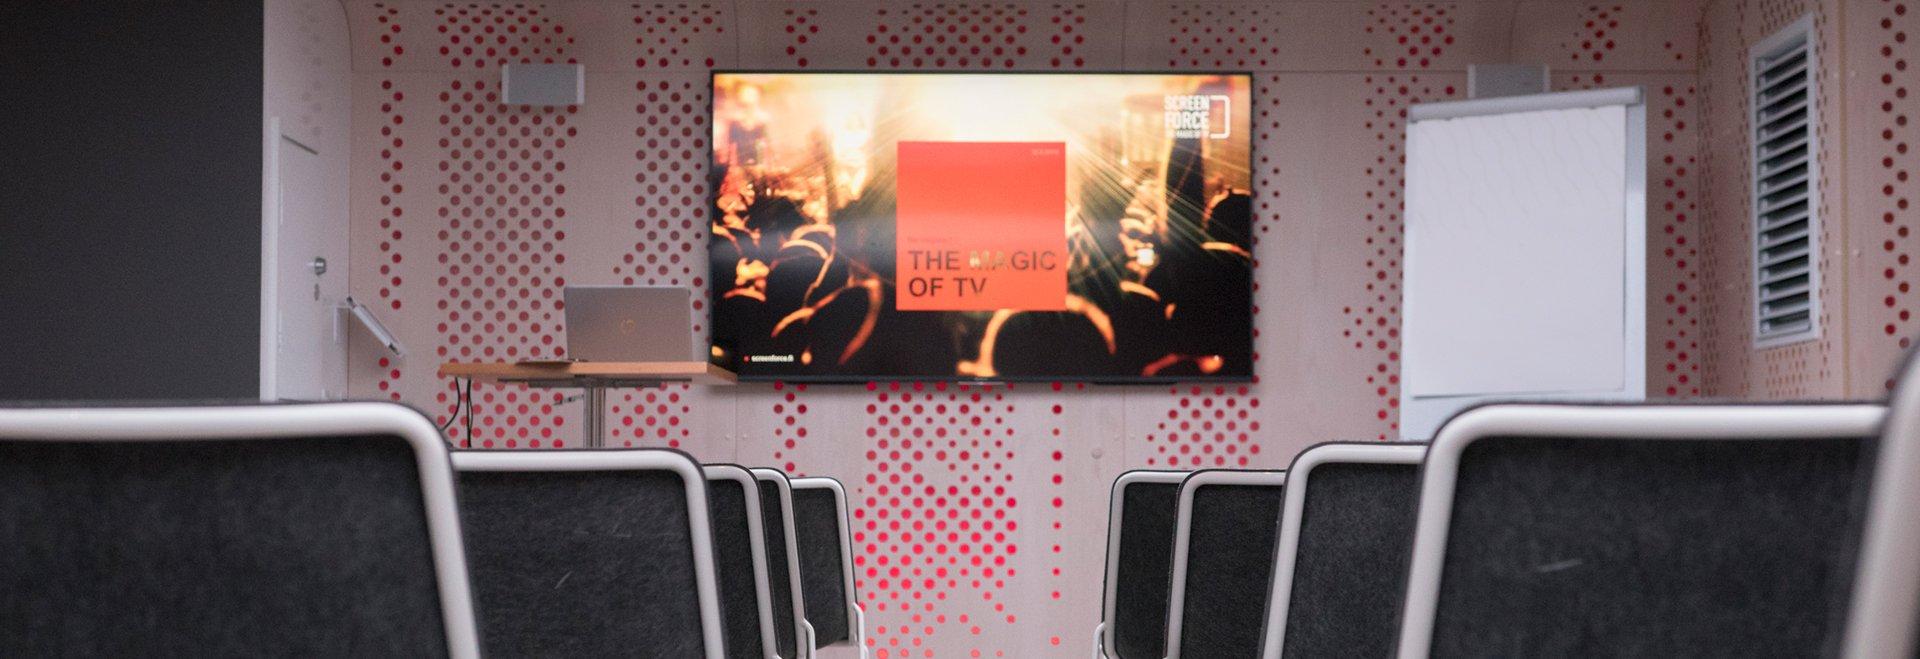 Kooste tapahtumasta Screenforce Showroom: Ajankohtaista TV-mainnonnasta ammattilaisille